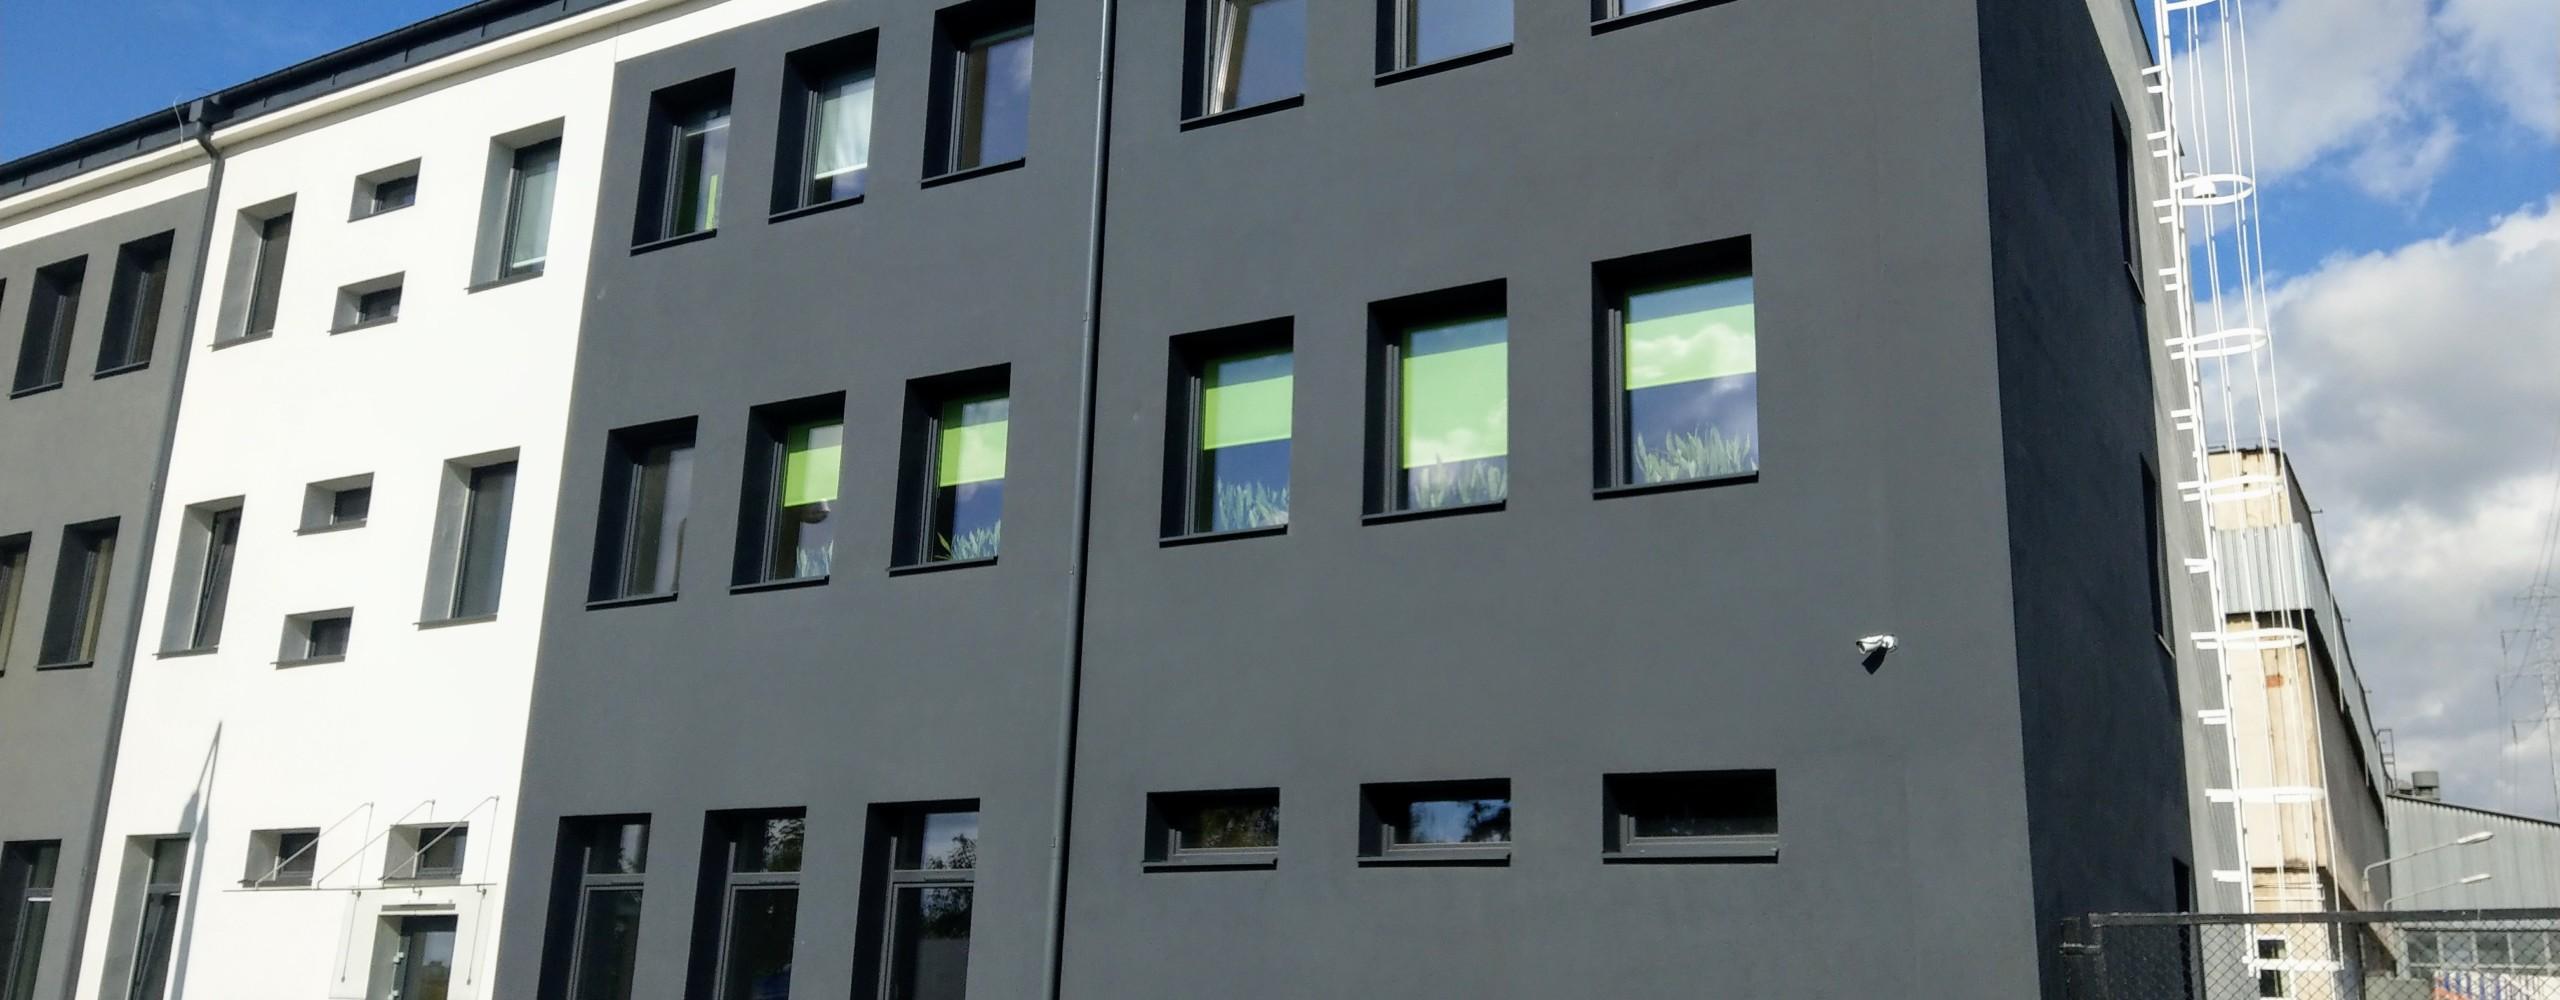 biuro o powierzchni 29,9m<sup>2</sup> - Farbud Nieruchomości - Lublin